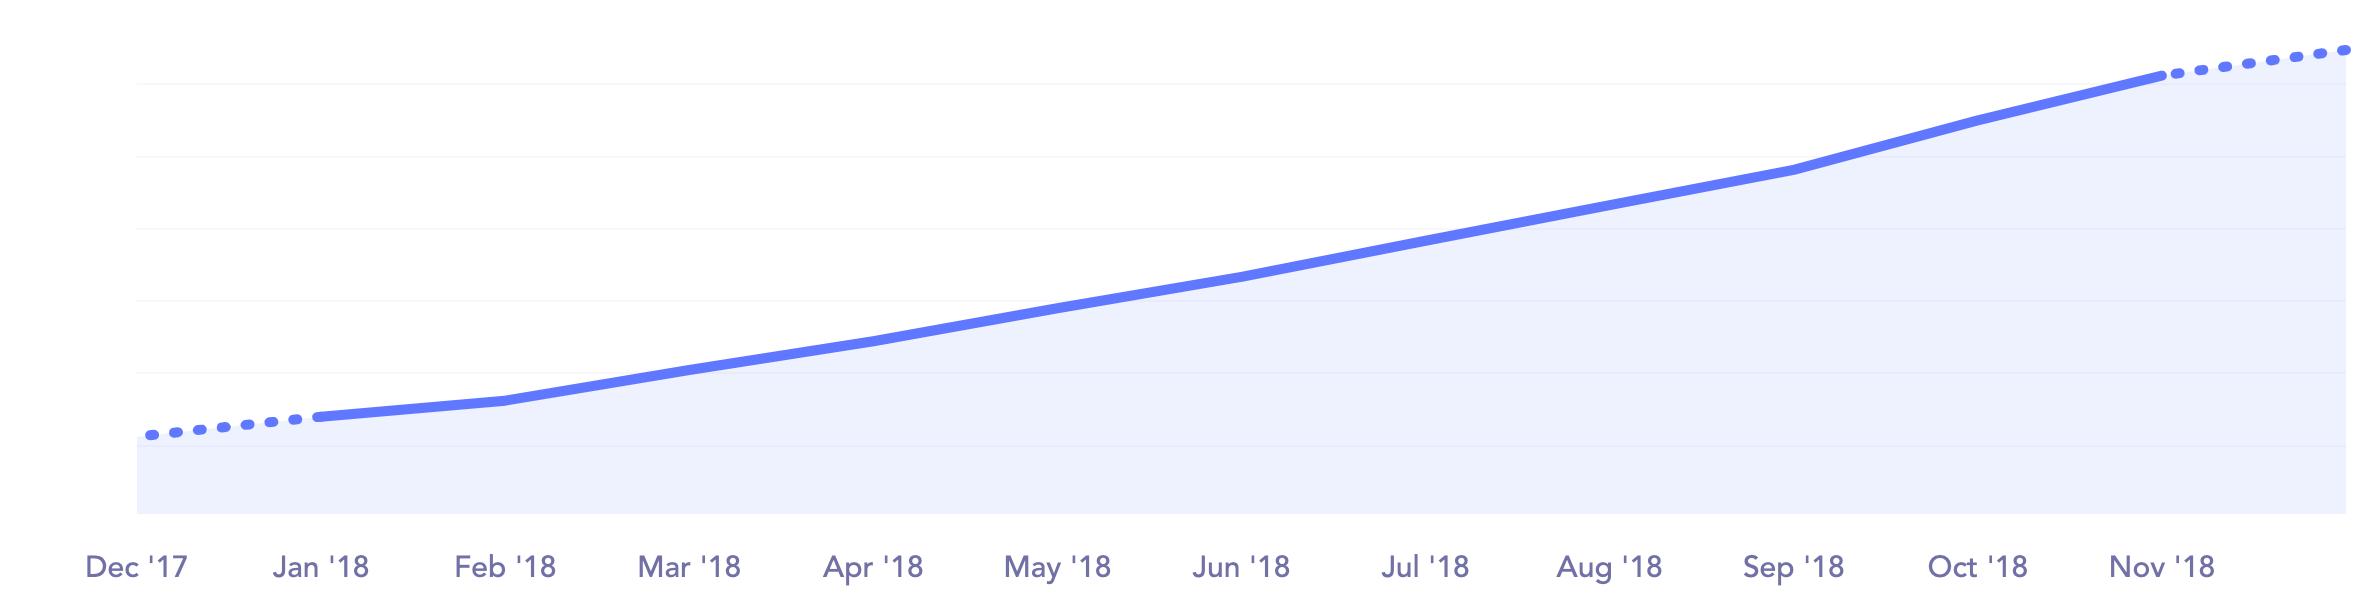 Iscrizioni attive da Baremetrics (tasso di crescita dei clienti)